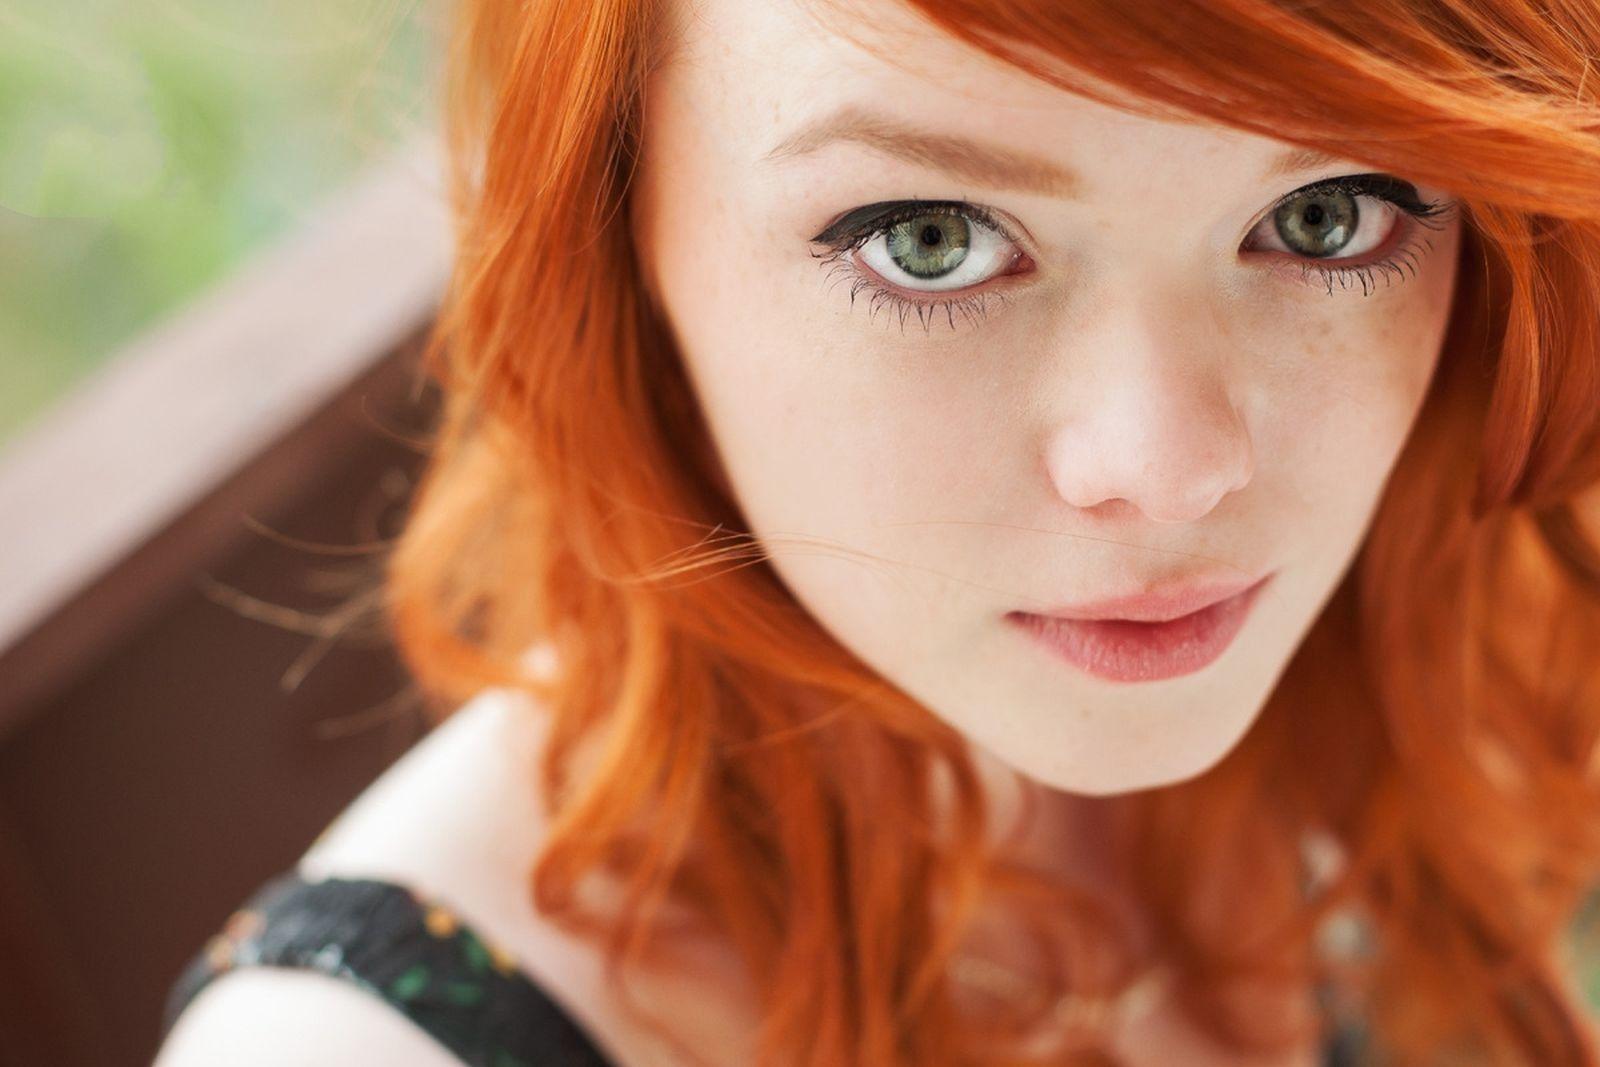 Рыжая девочка сосёт, Порно видео с рыжими девушками, redhead 12 фотография